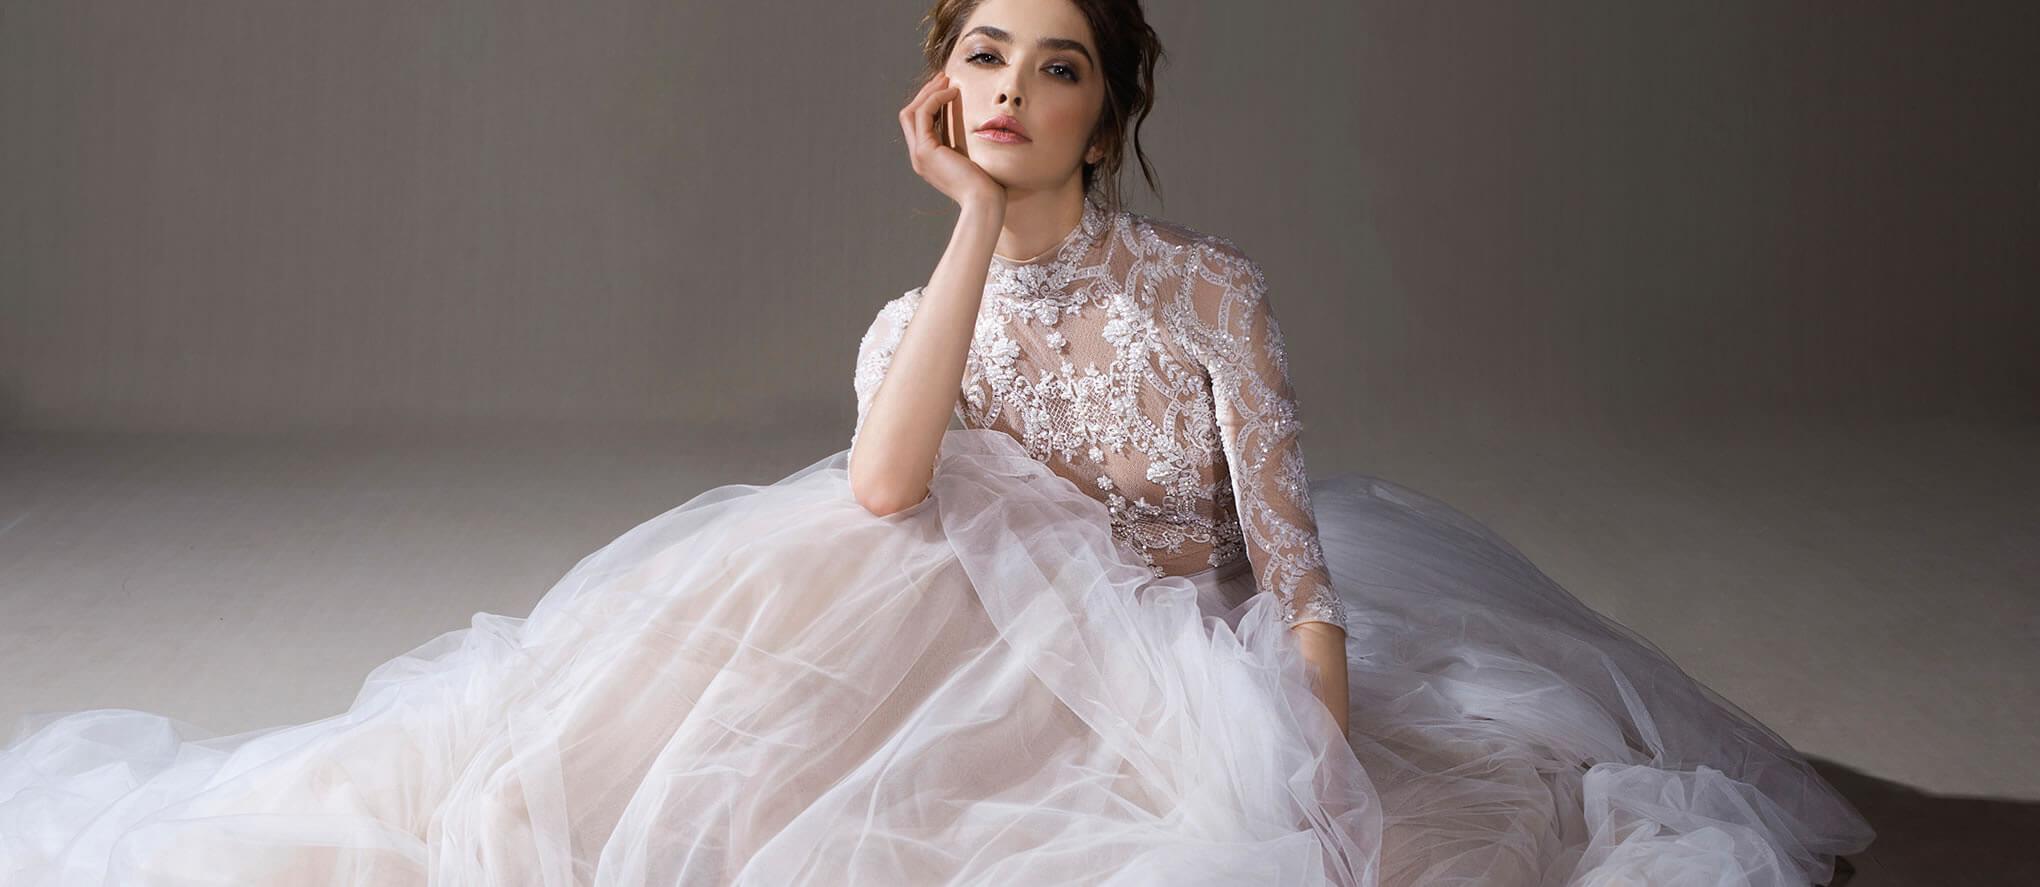 mujer novia 1